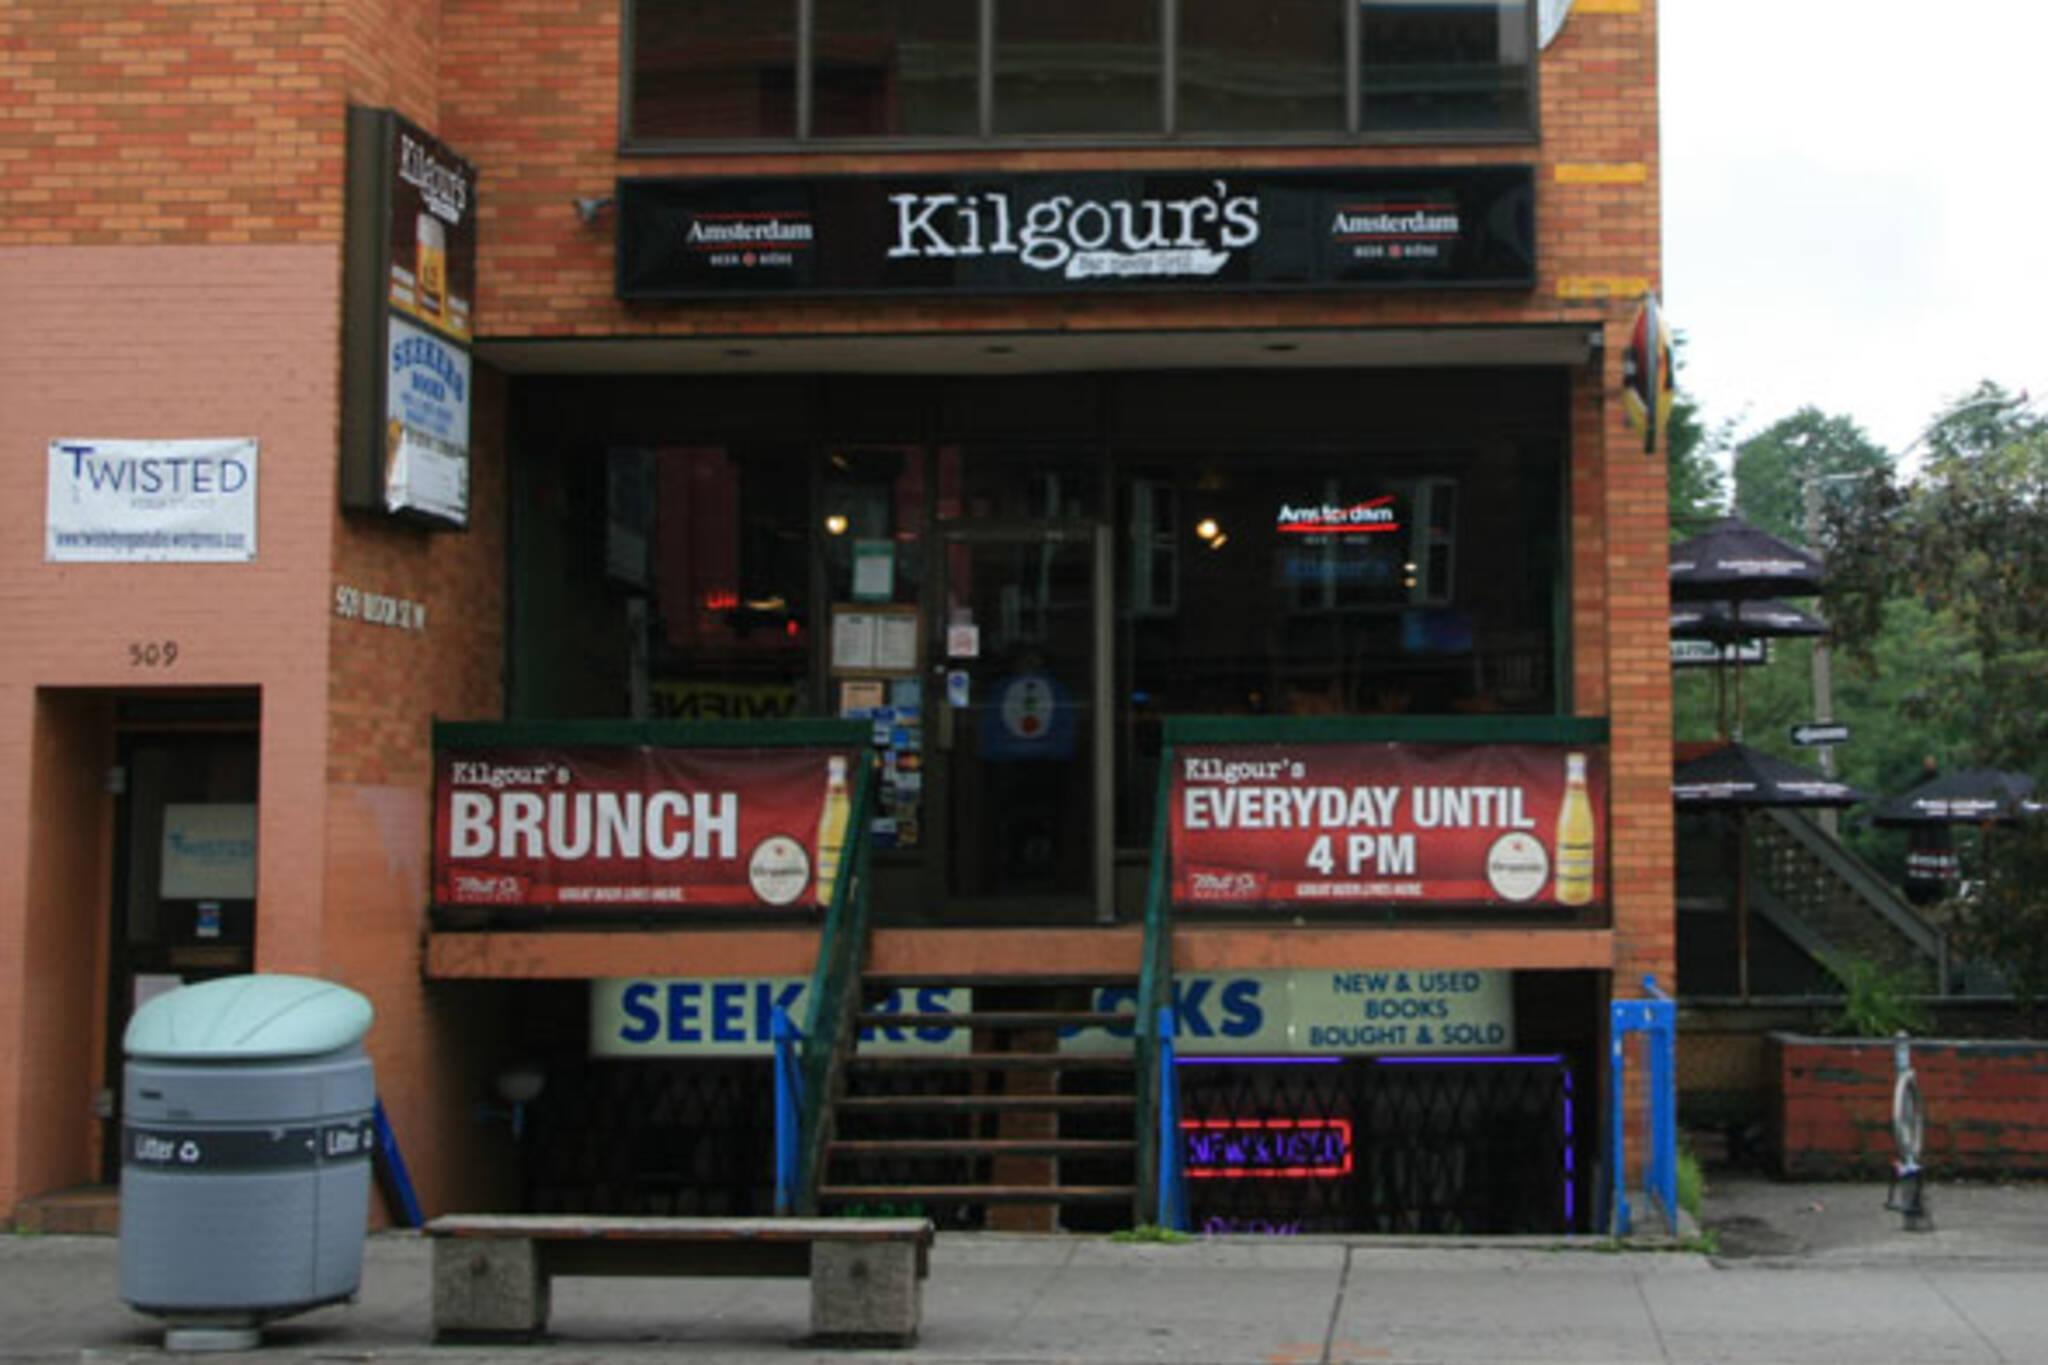 Kilgours Toronto